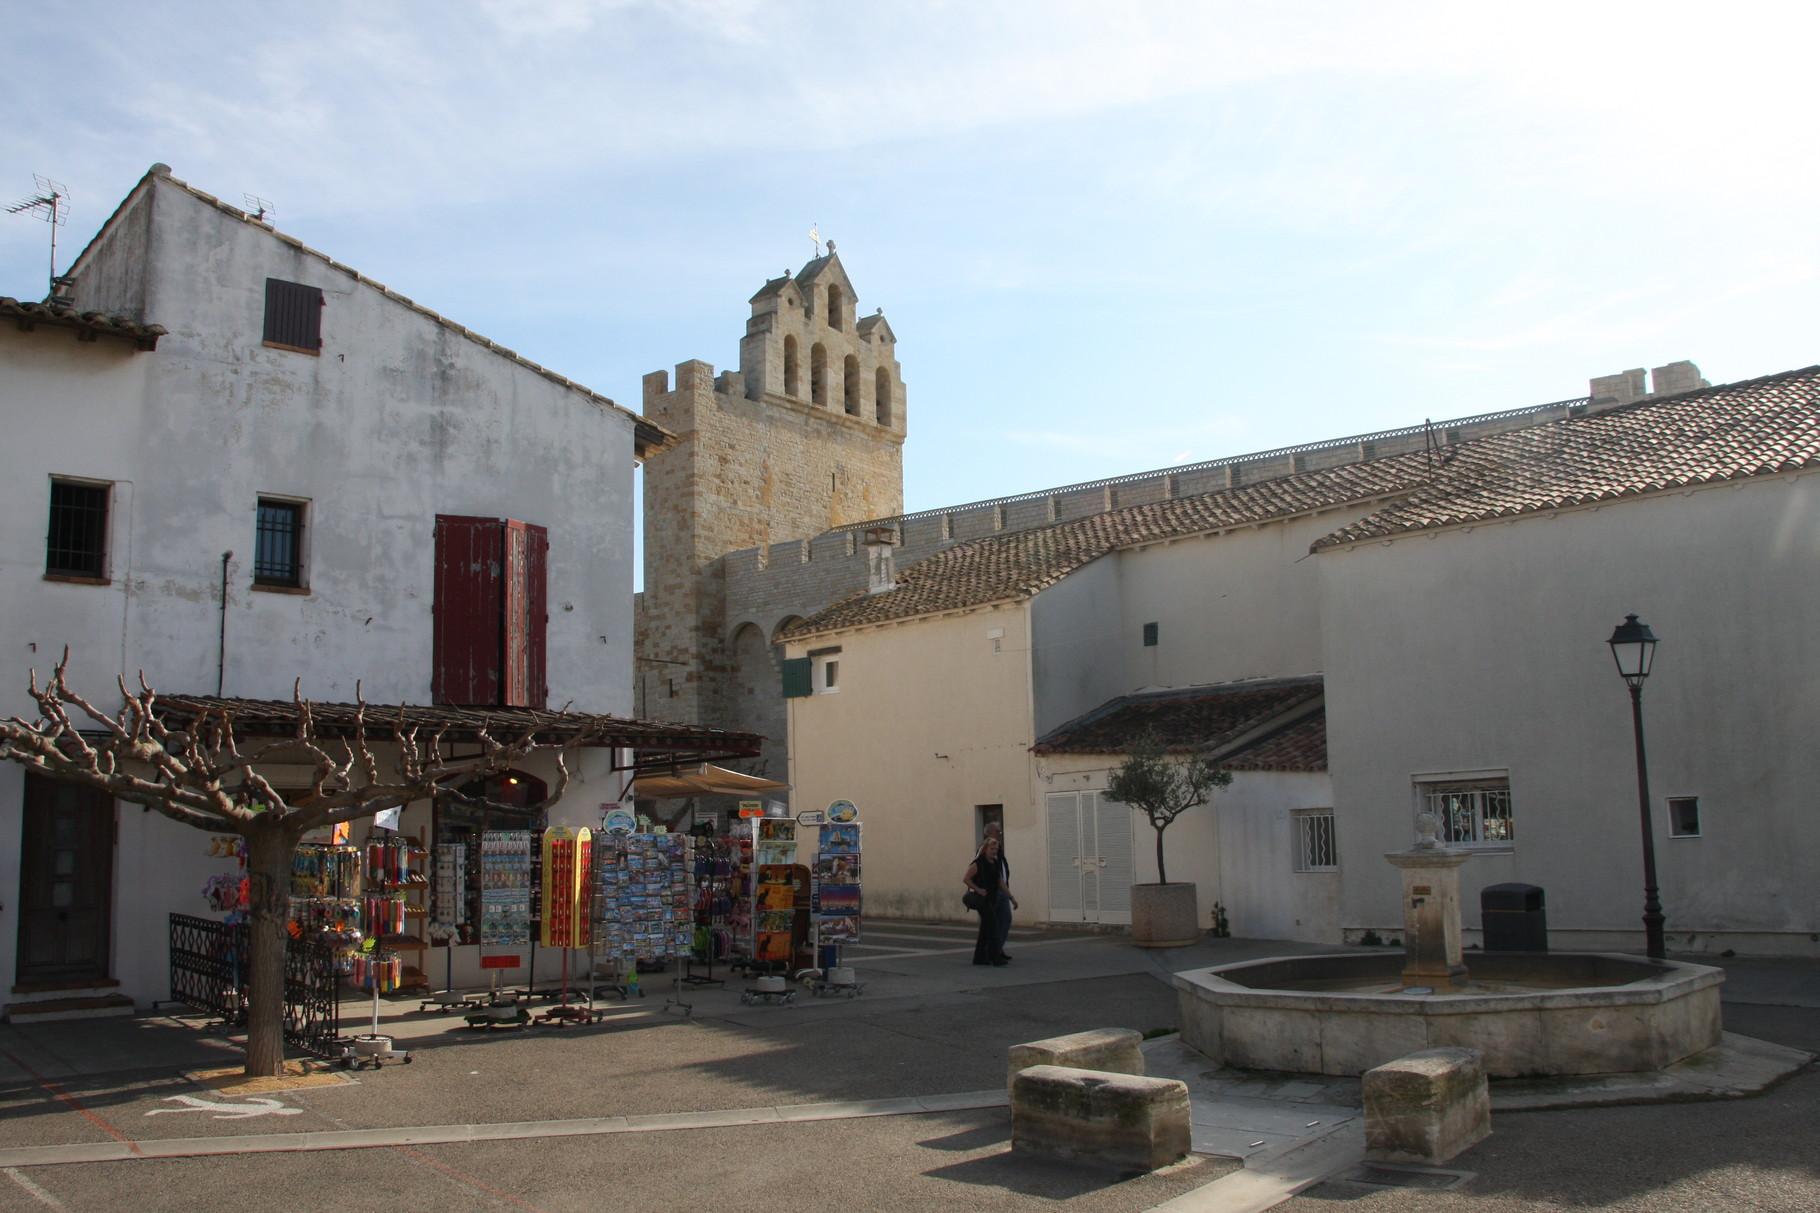 Bild: Brunnen mit Blick auf Kirche in Saintes-Maries-de-la-Mer